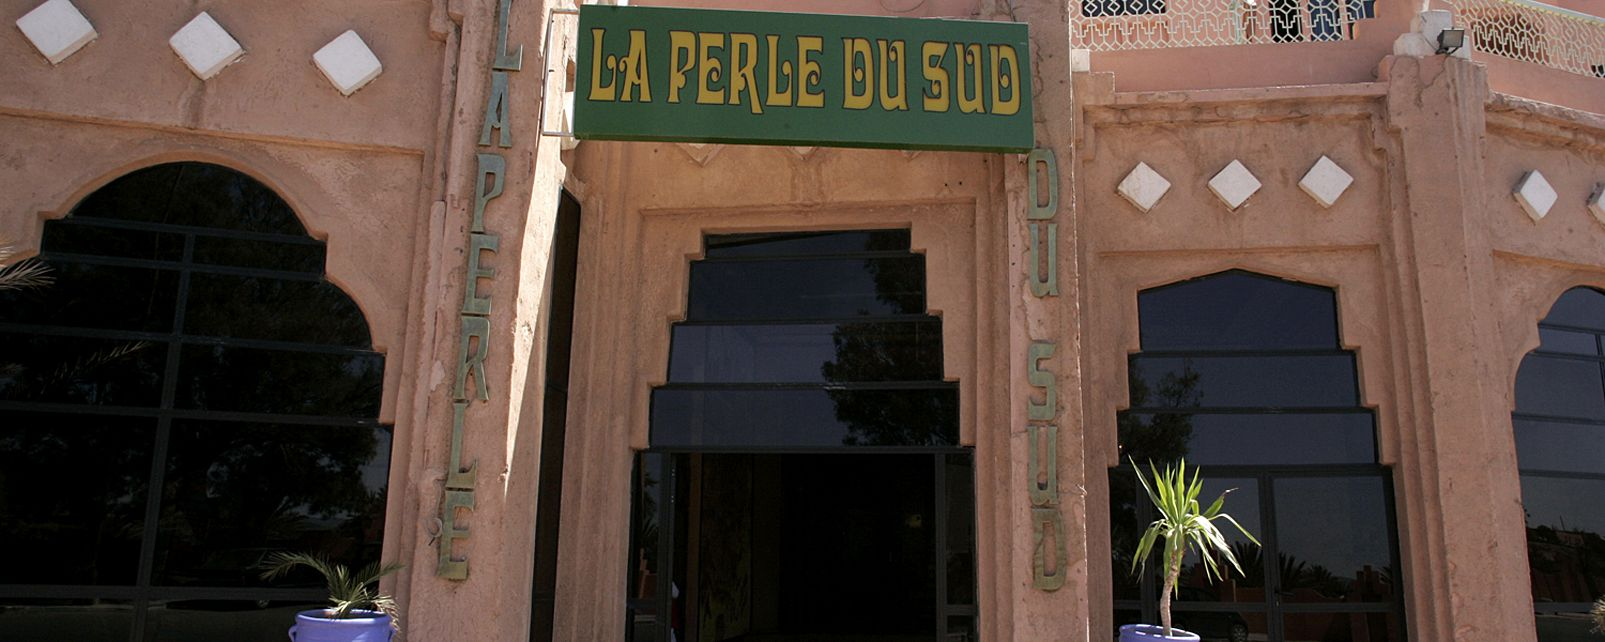 Hôtel La perle du sud